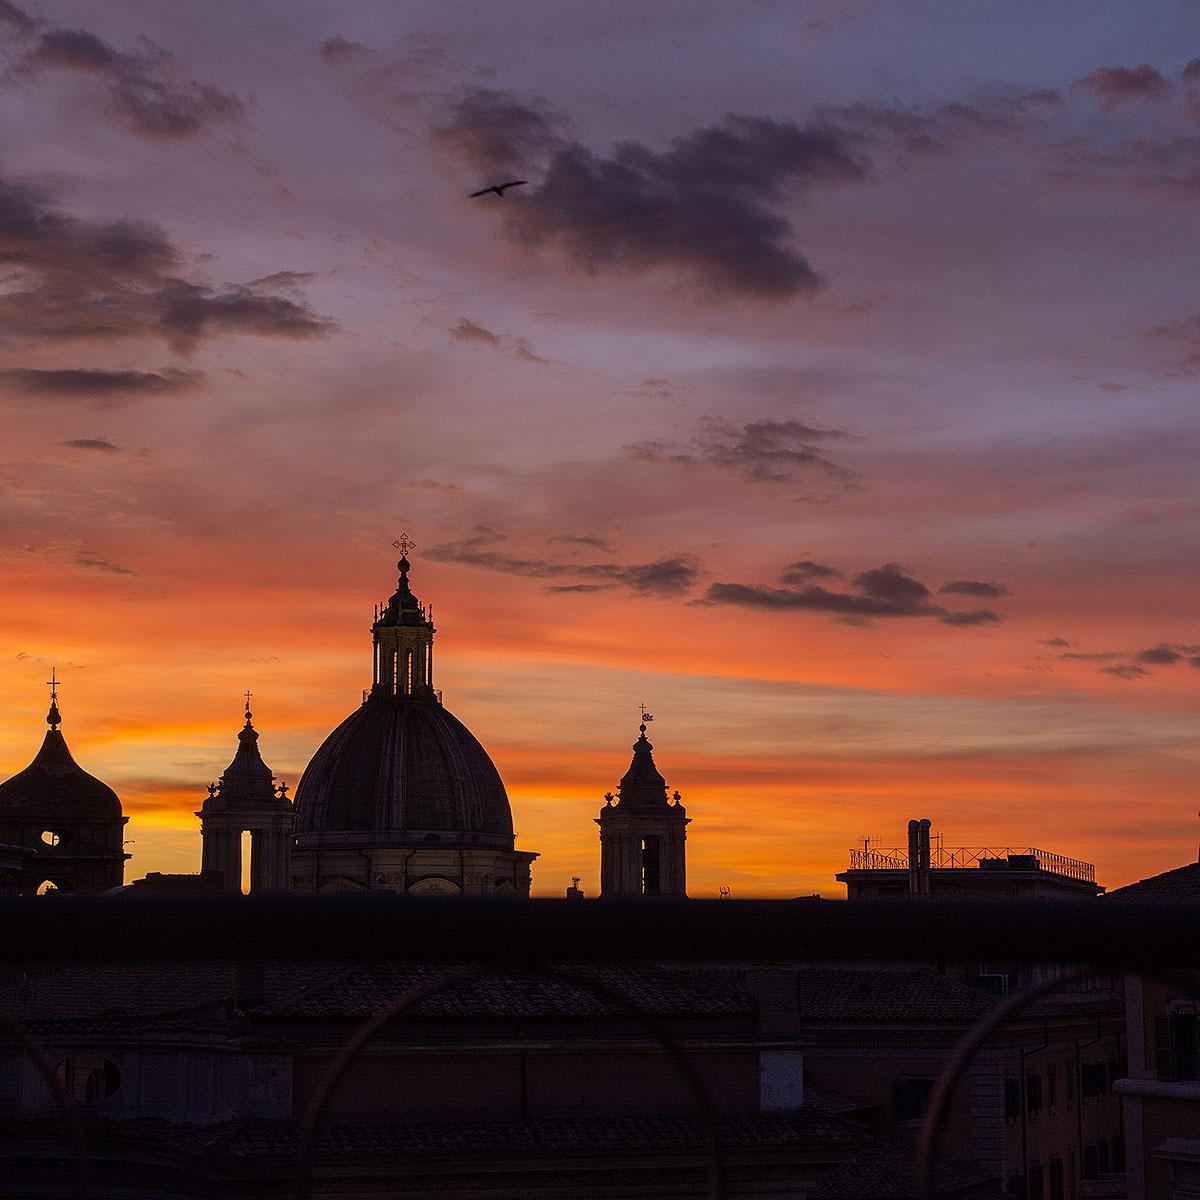 Coucher de soleil sur les toits de Rome